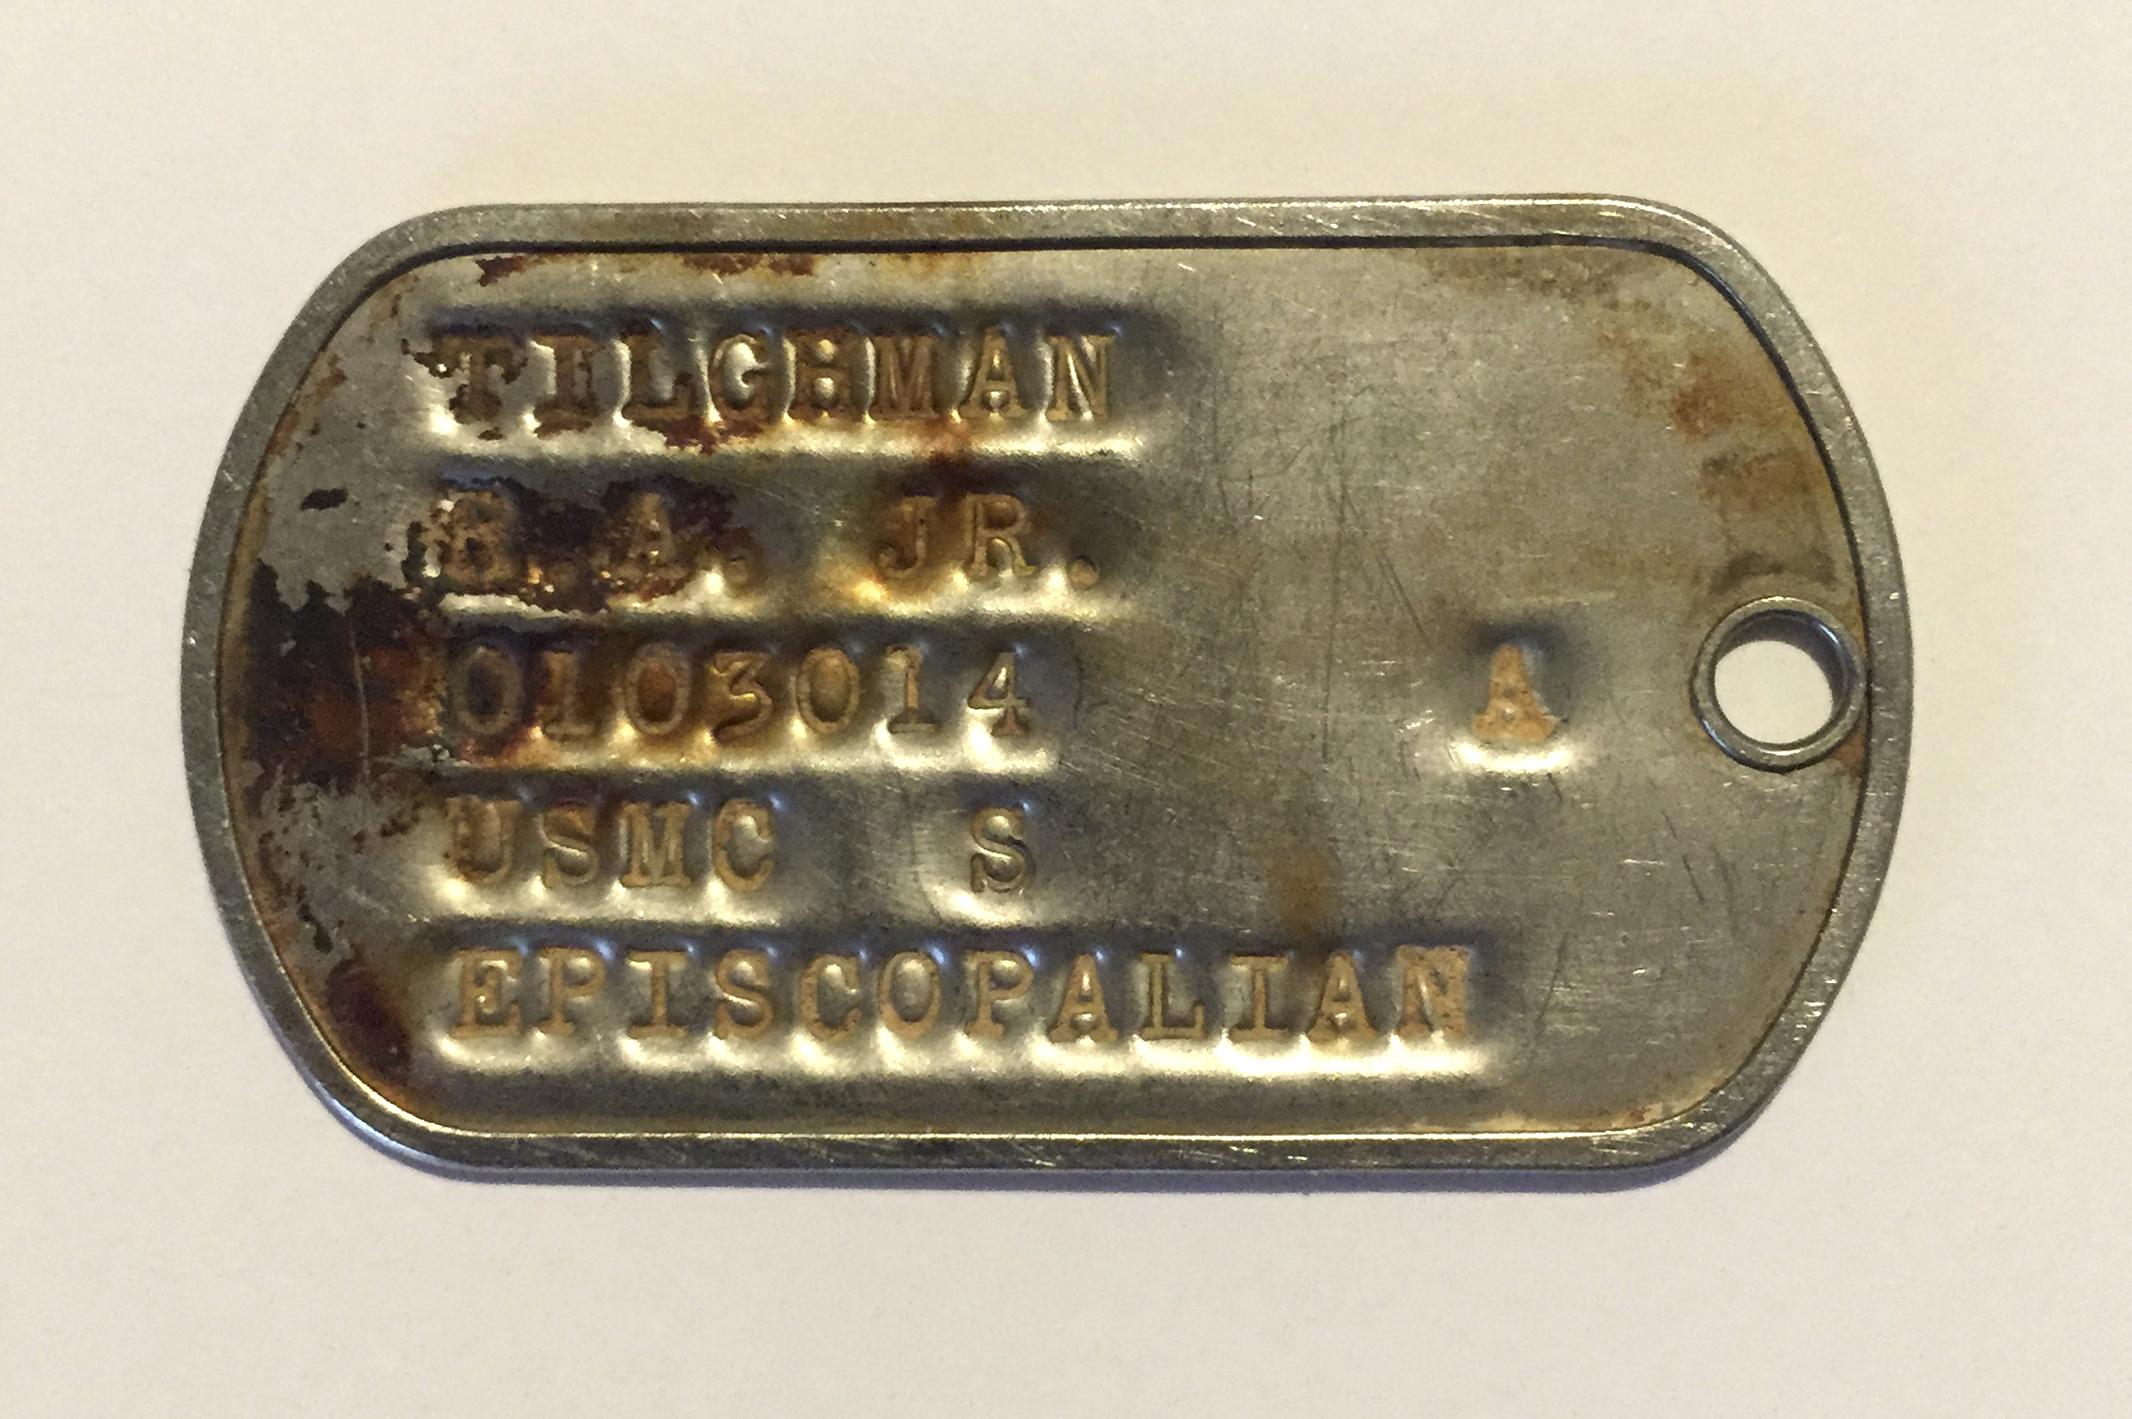 The dog tag identifying U.S. Marine R. A. Tilghman, Jr.